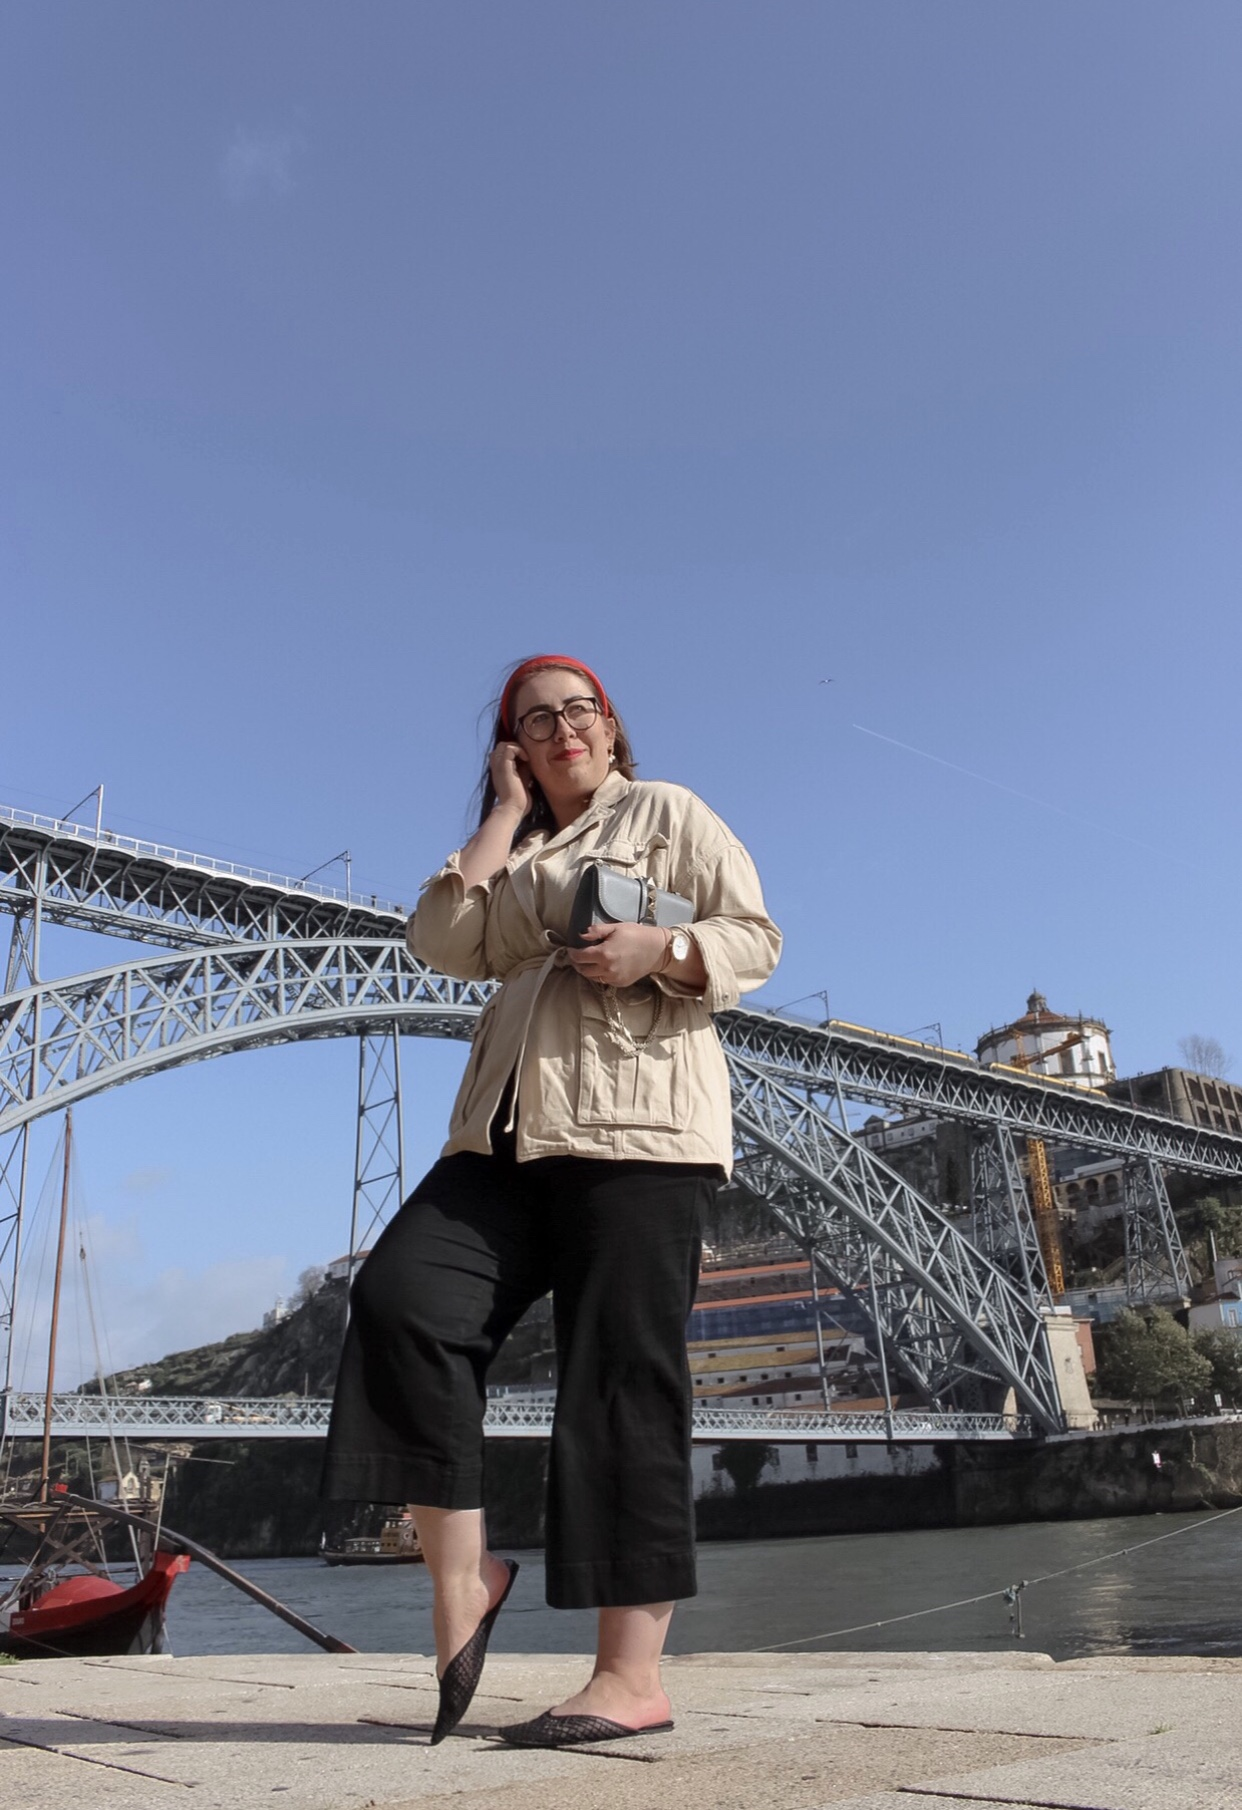 Porto-Reisebericht-Sightseeing-Tipps-Douro-Brücke-Ponte-Dom-Luis-Fotospot-Miss-Suzie-Loves